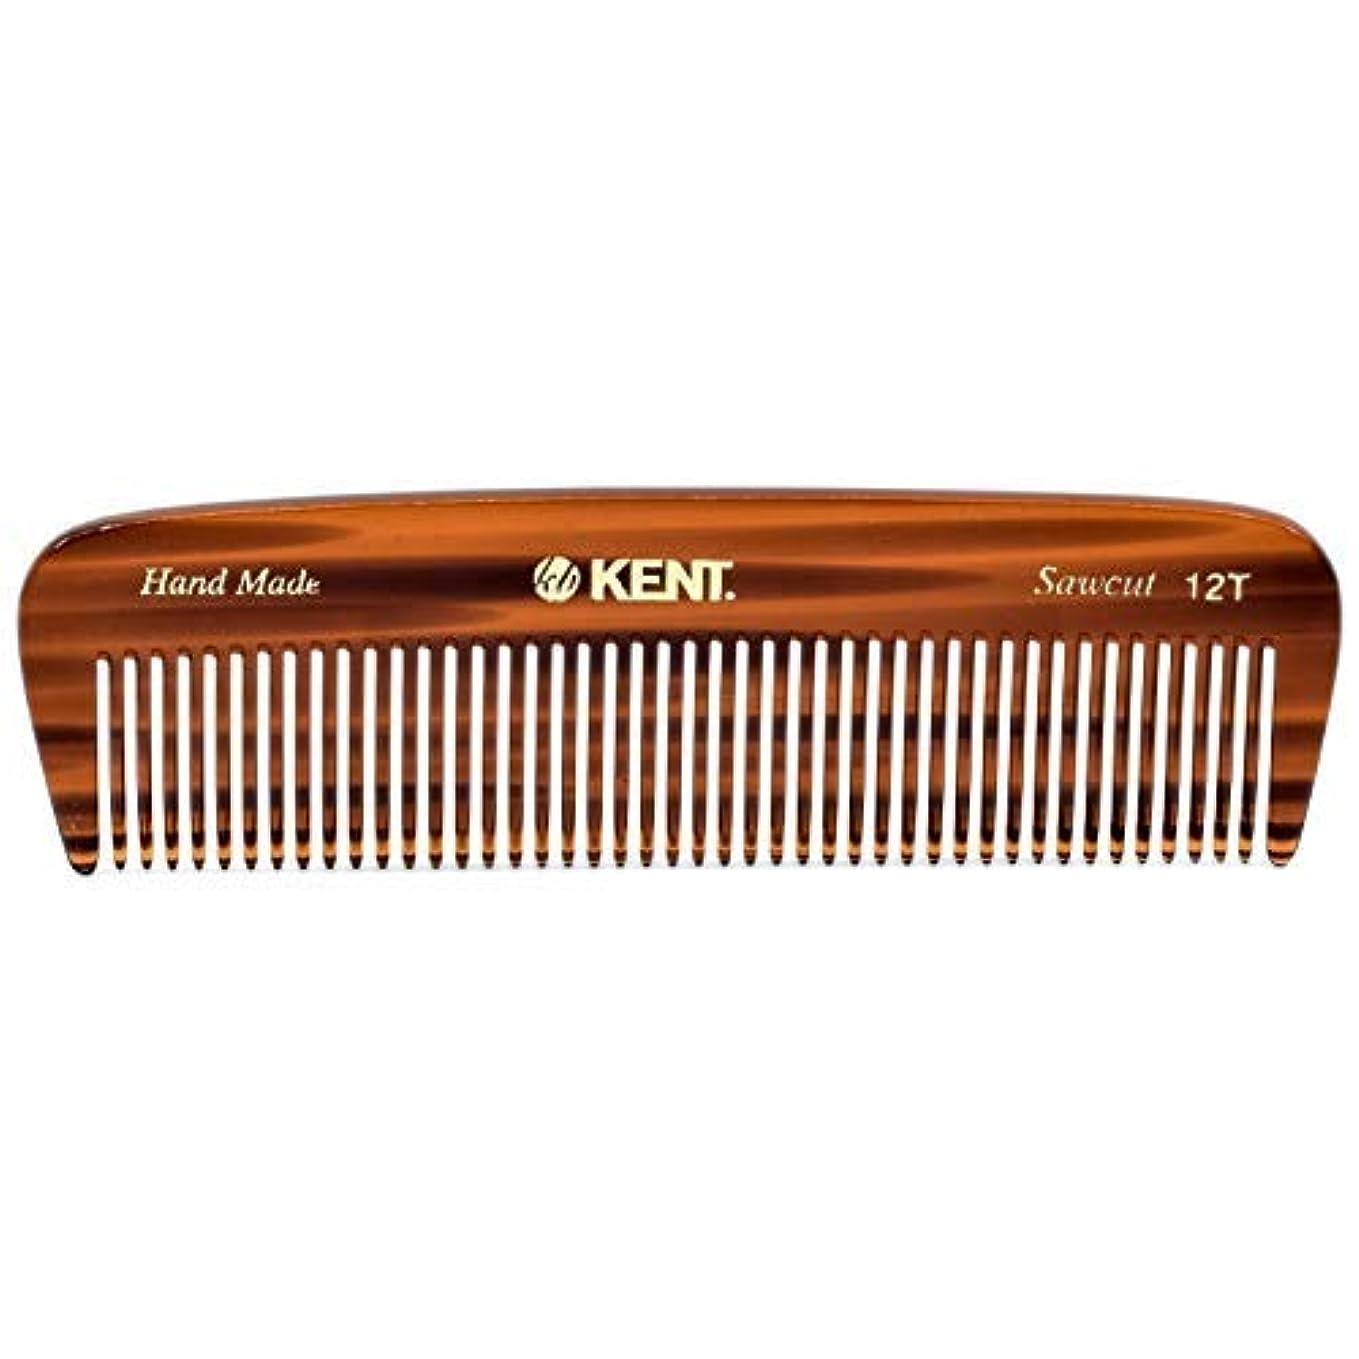 利益軽減する海賊Kent 12T Handmade Medium Size Teeth for Thick/Coarse Hair Comb for Men/Women - For Grooming, Styling, and Detangling...